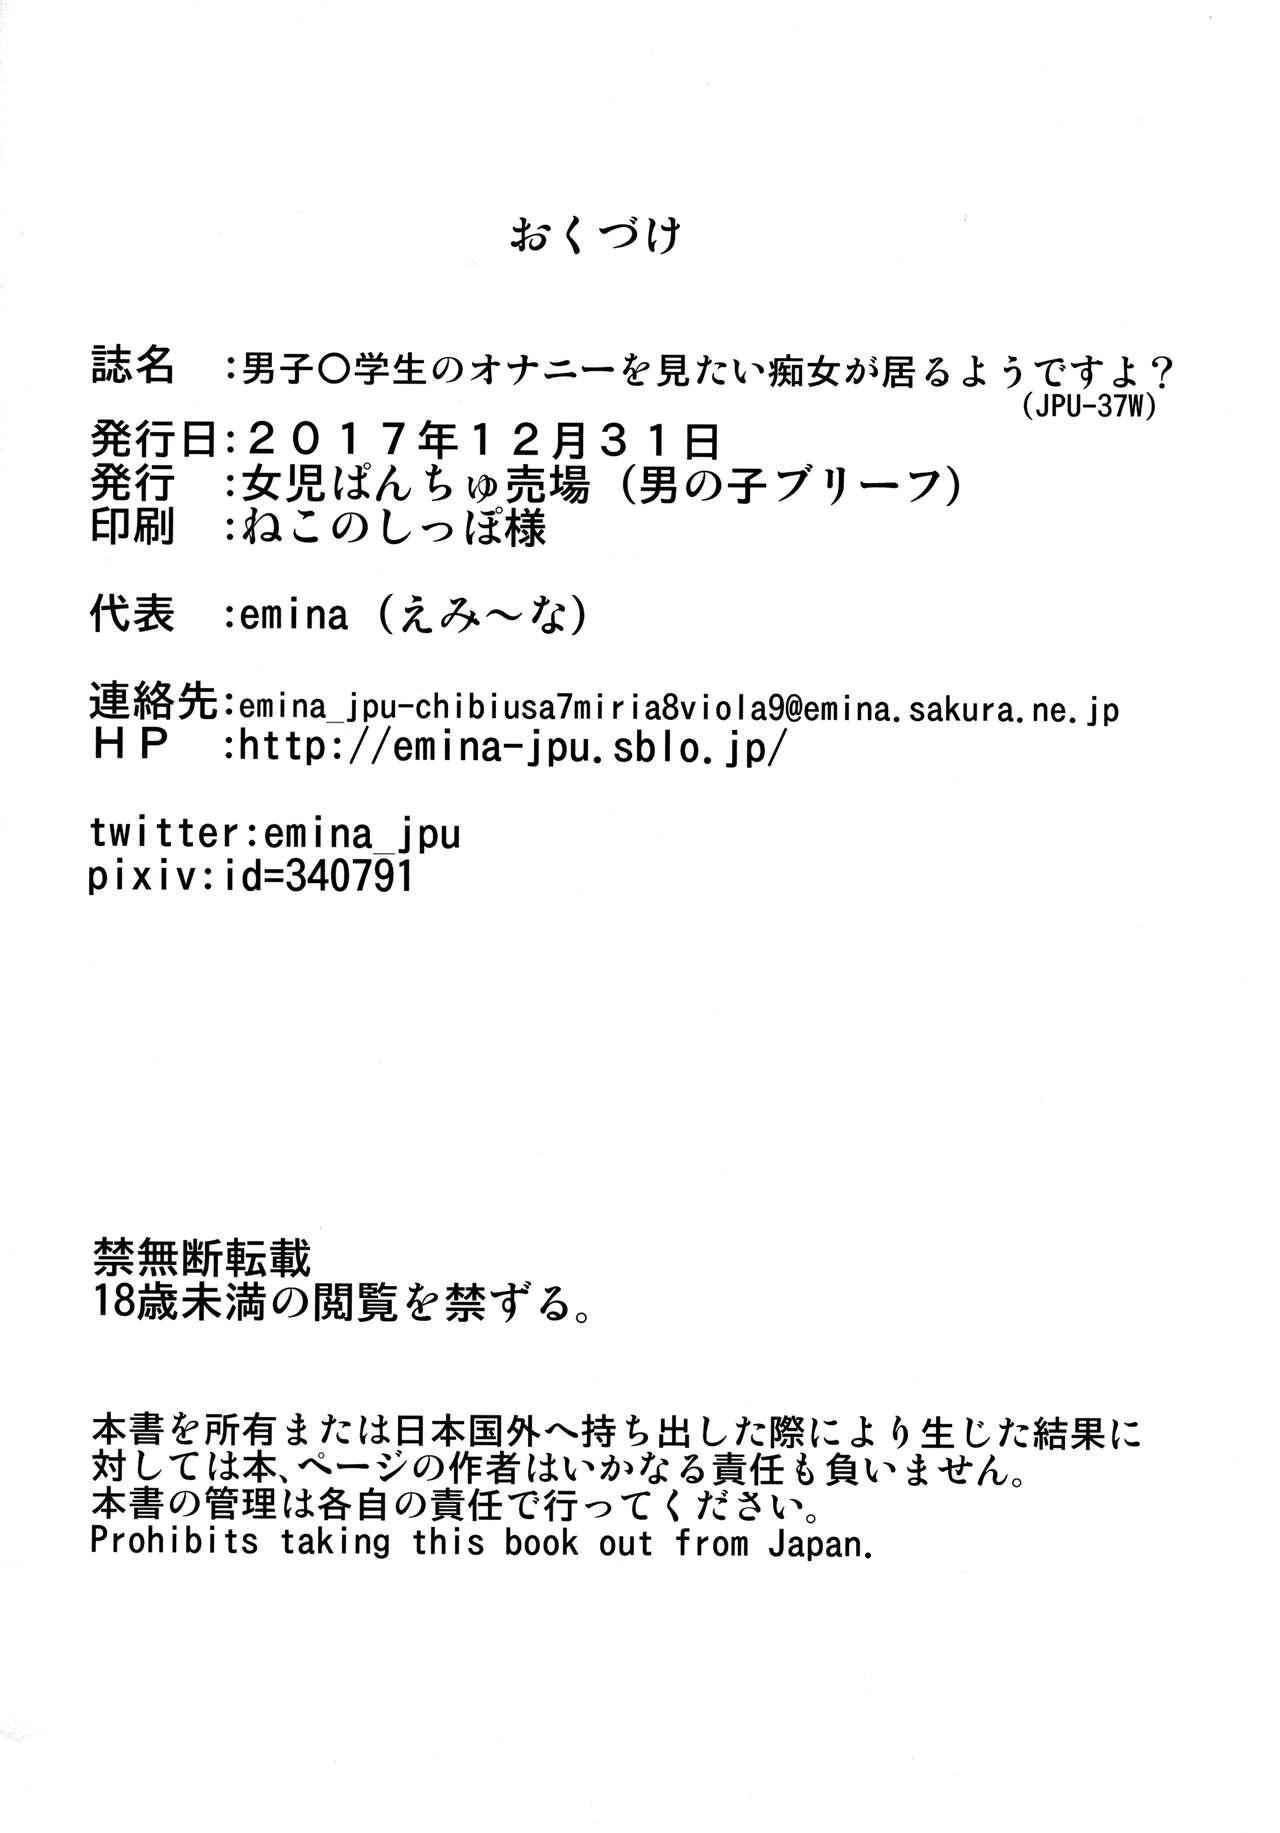 Danshi Shougakusei no Onanie o Mitai Chijo ga Iru You desu yo? 24